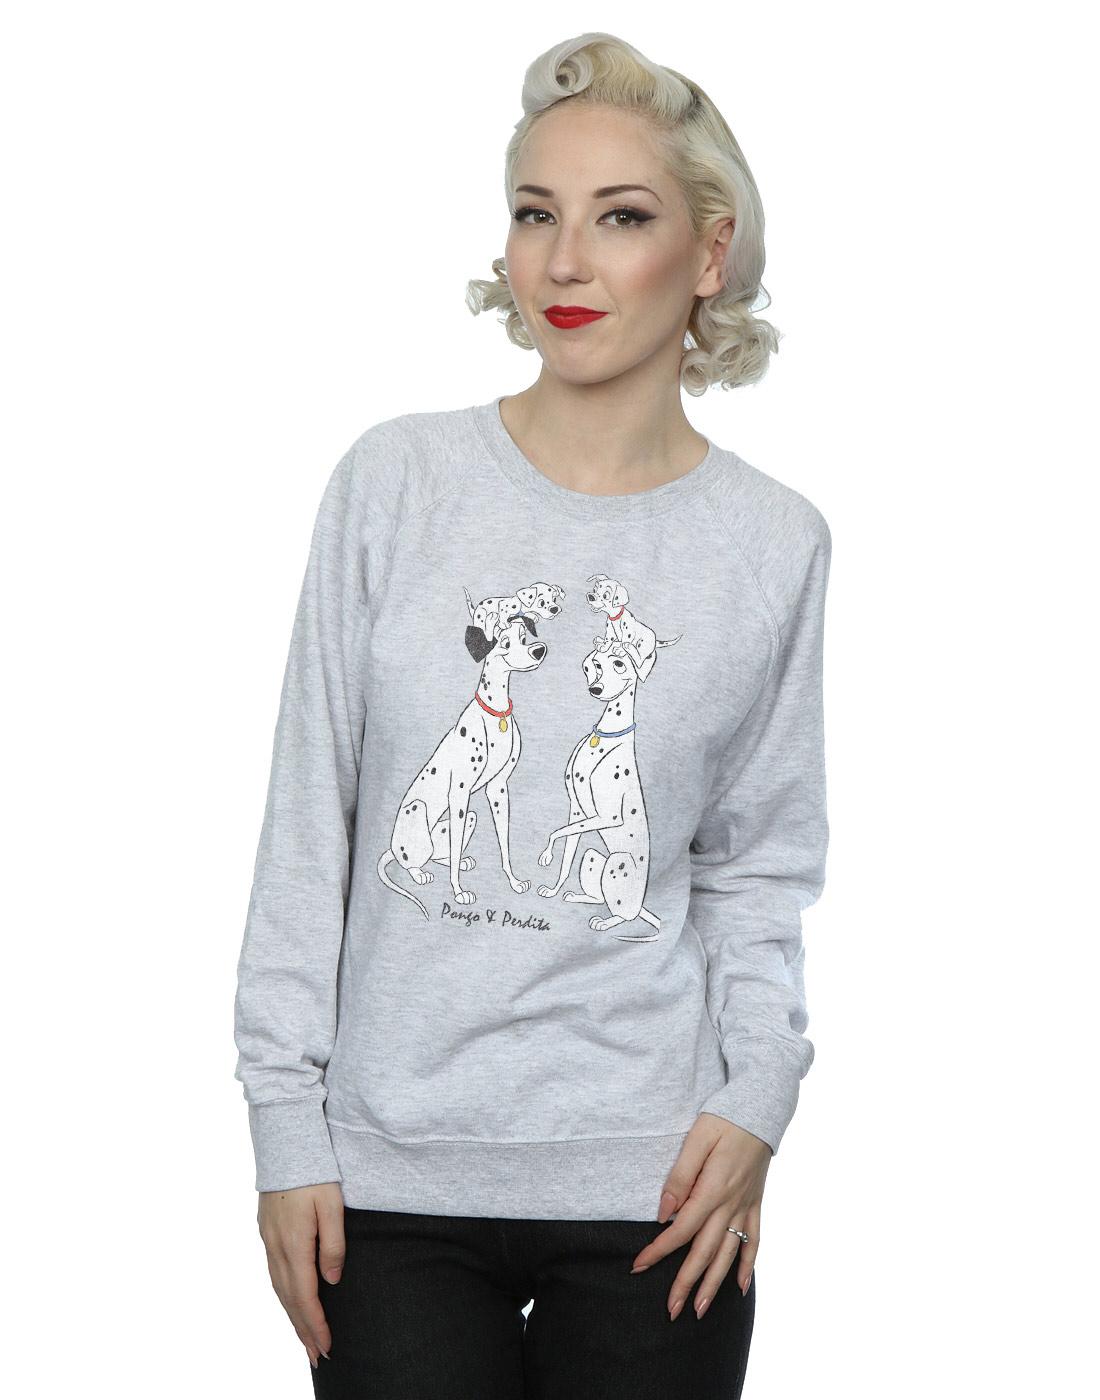 Disney-mujer-Classic-Pongo-and-Perdita-Camisa-de-entrenamiento